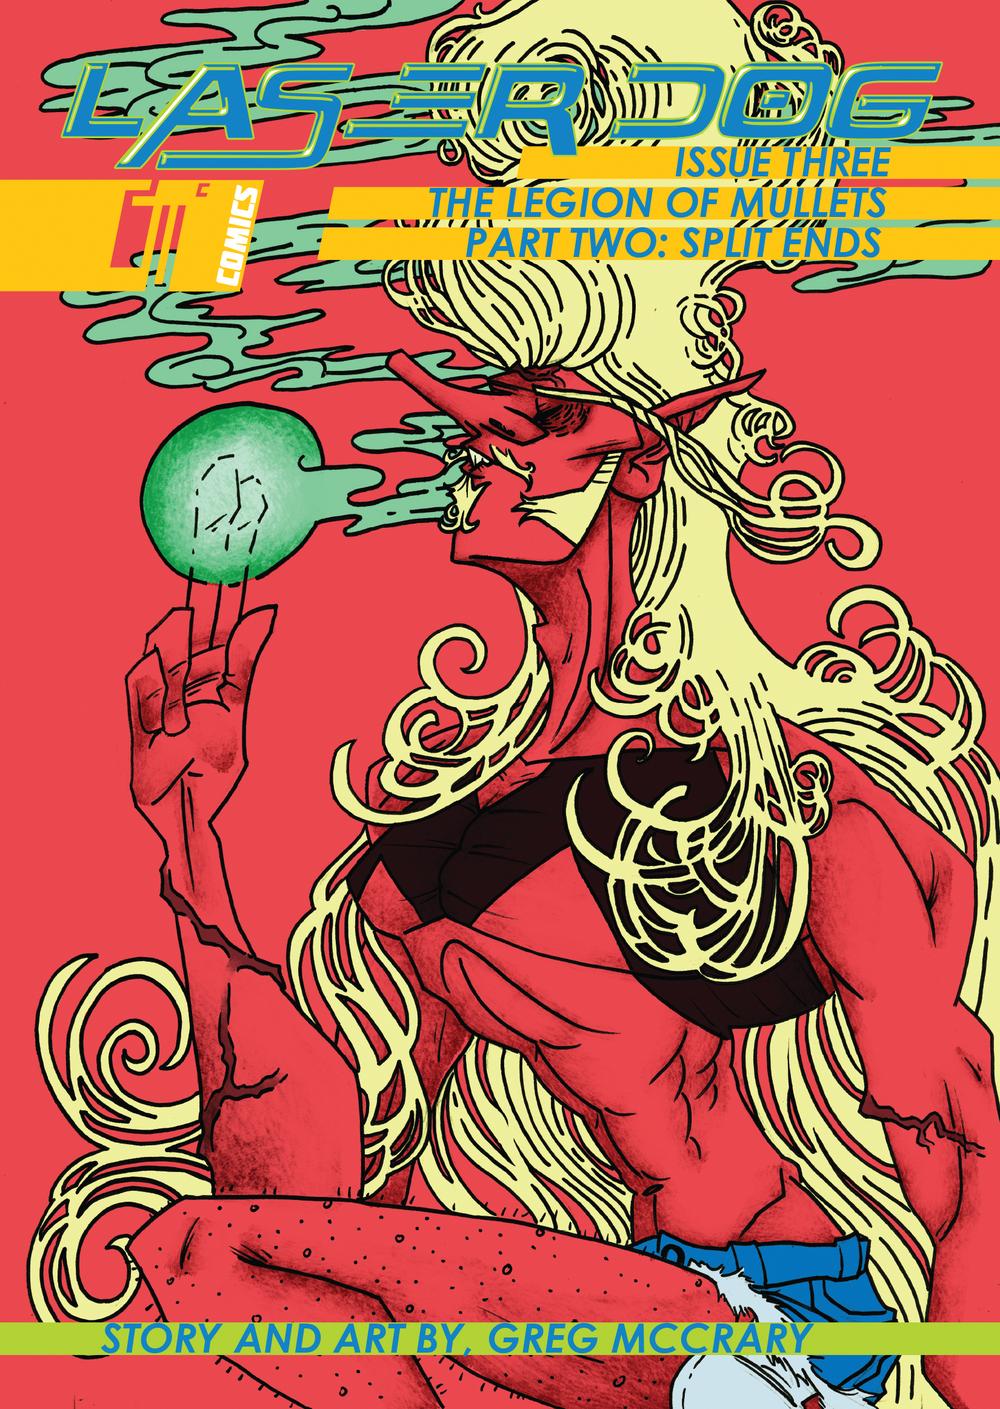 LASER DOG #3 COVER